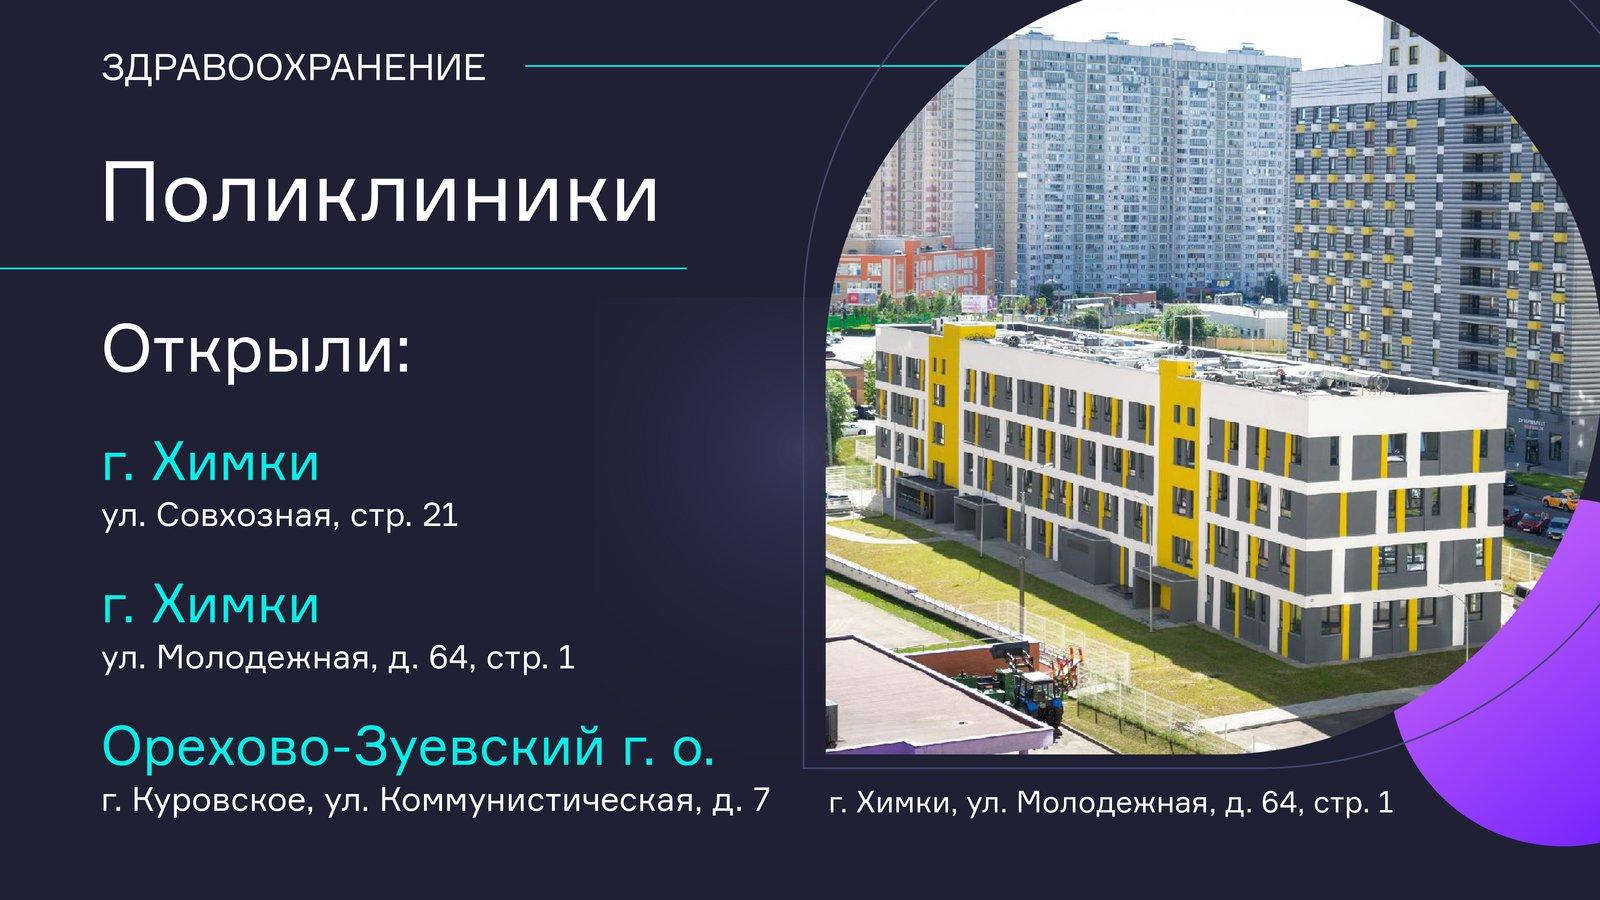 Андрей Воробьев губернатор московской области - Современная медицина — для всех жителей. Что уже есть и что будет?